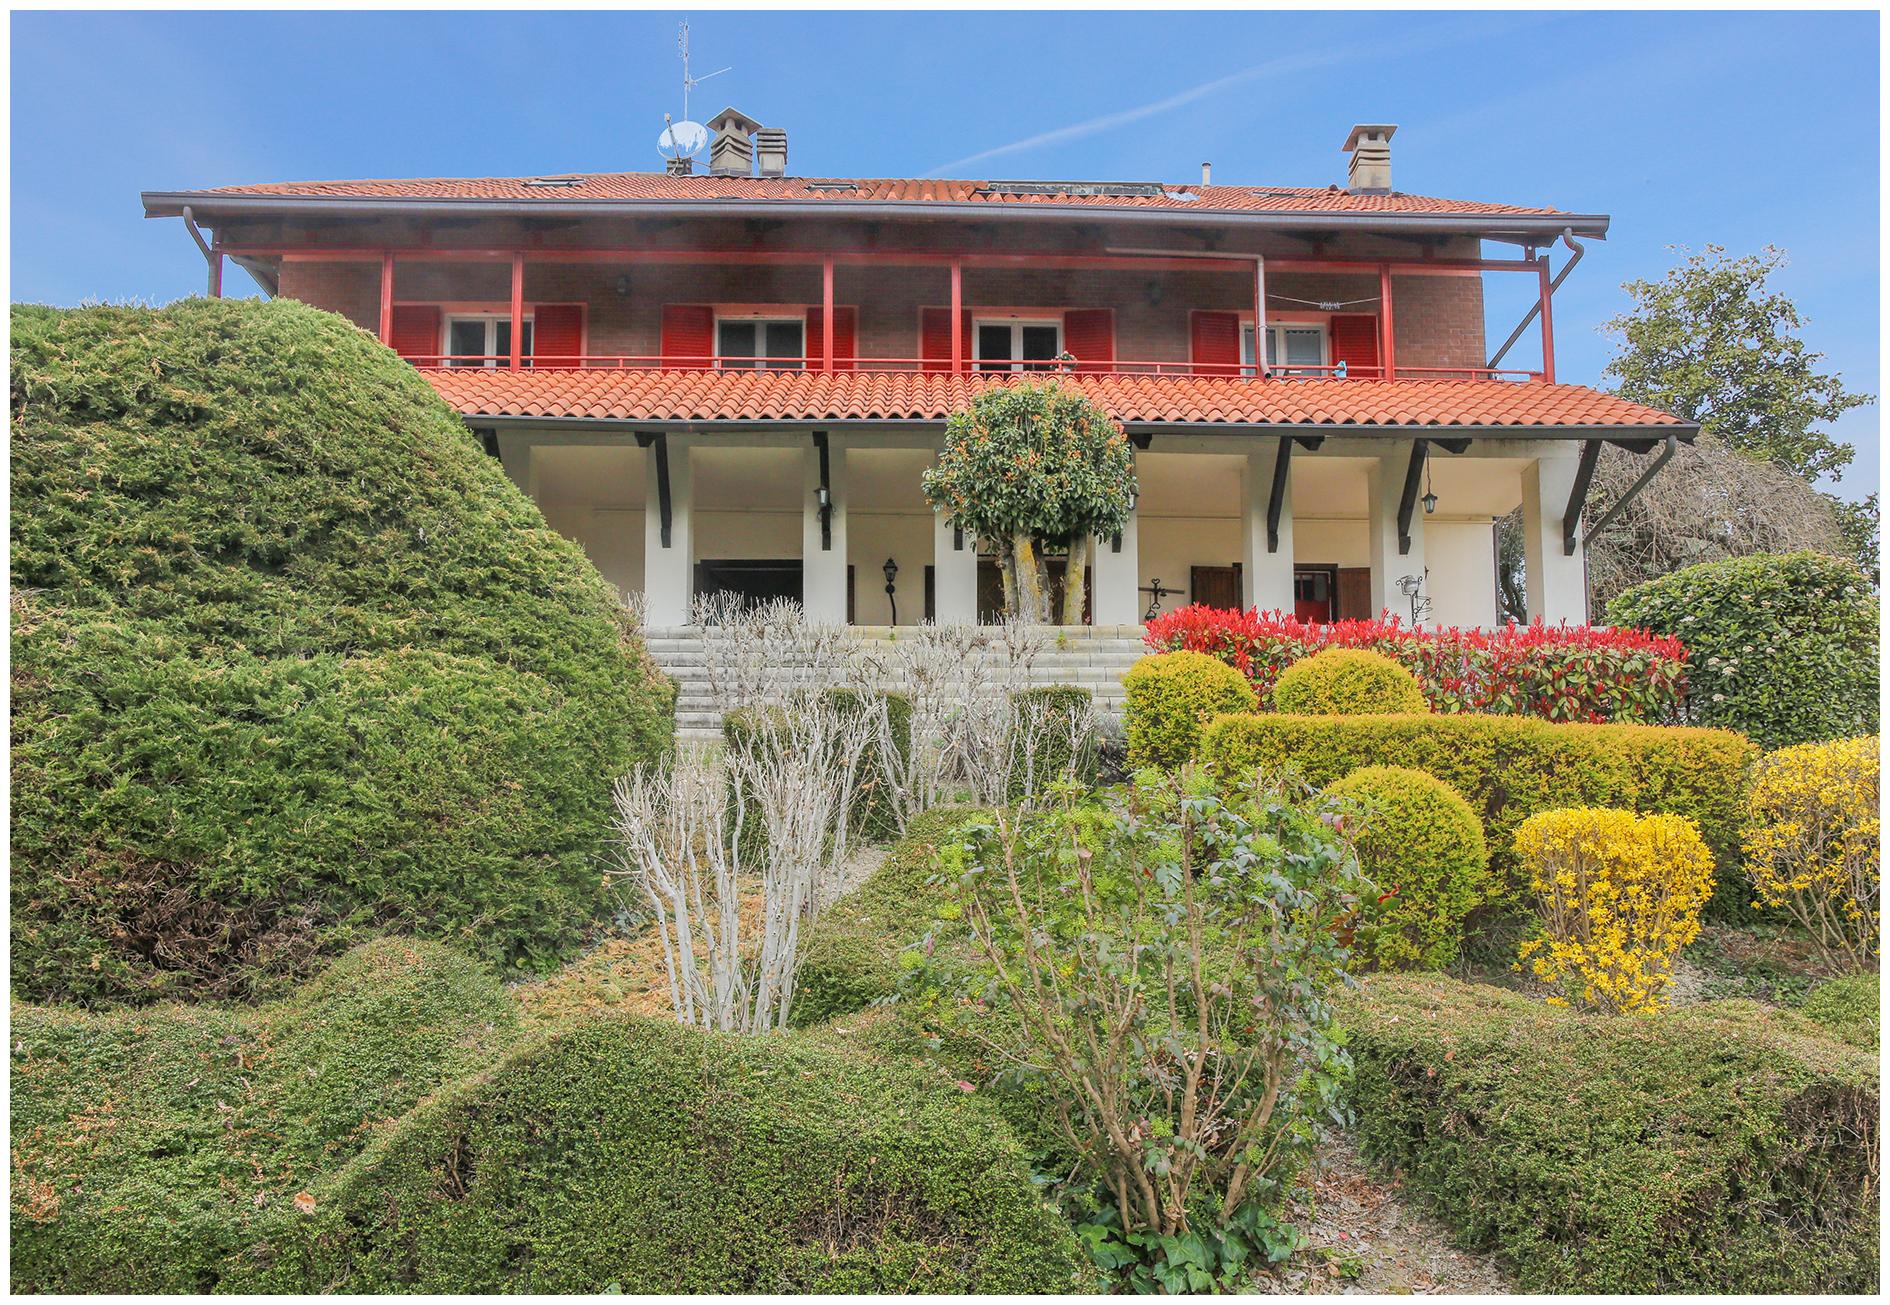 Villa Bifamiliare in vendita a Pavarolo, 12 locali, zona Località: Collinare, prezzo € 407.000 | CambioCasa.it